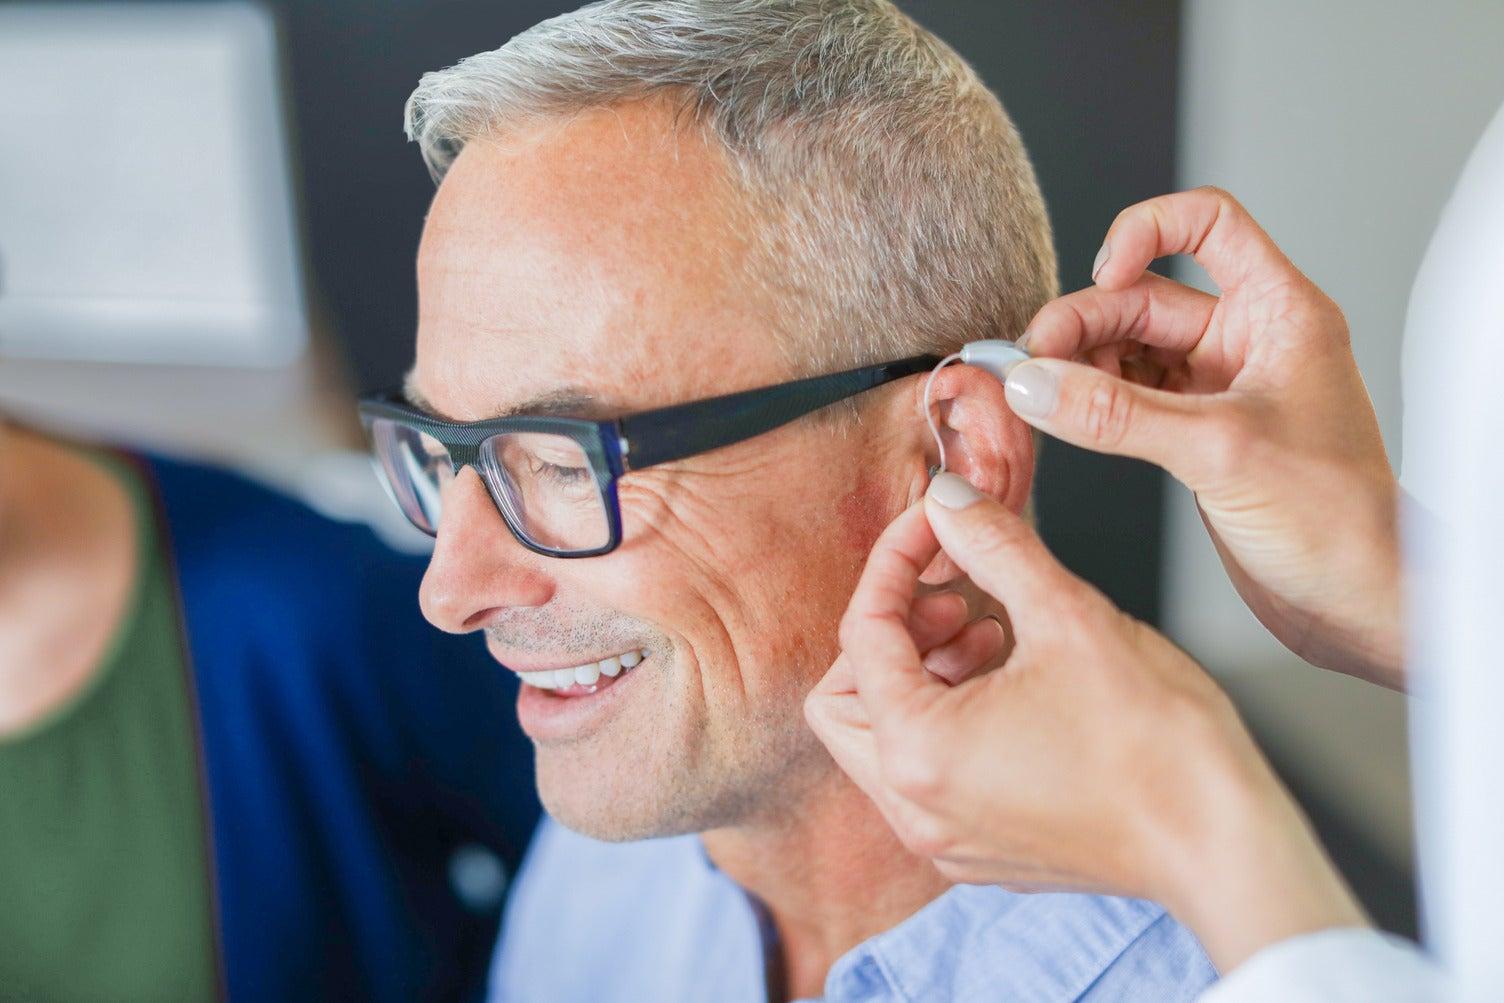 Starkey best hearing aids